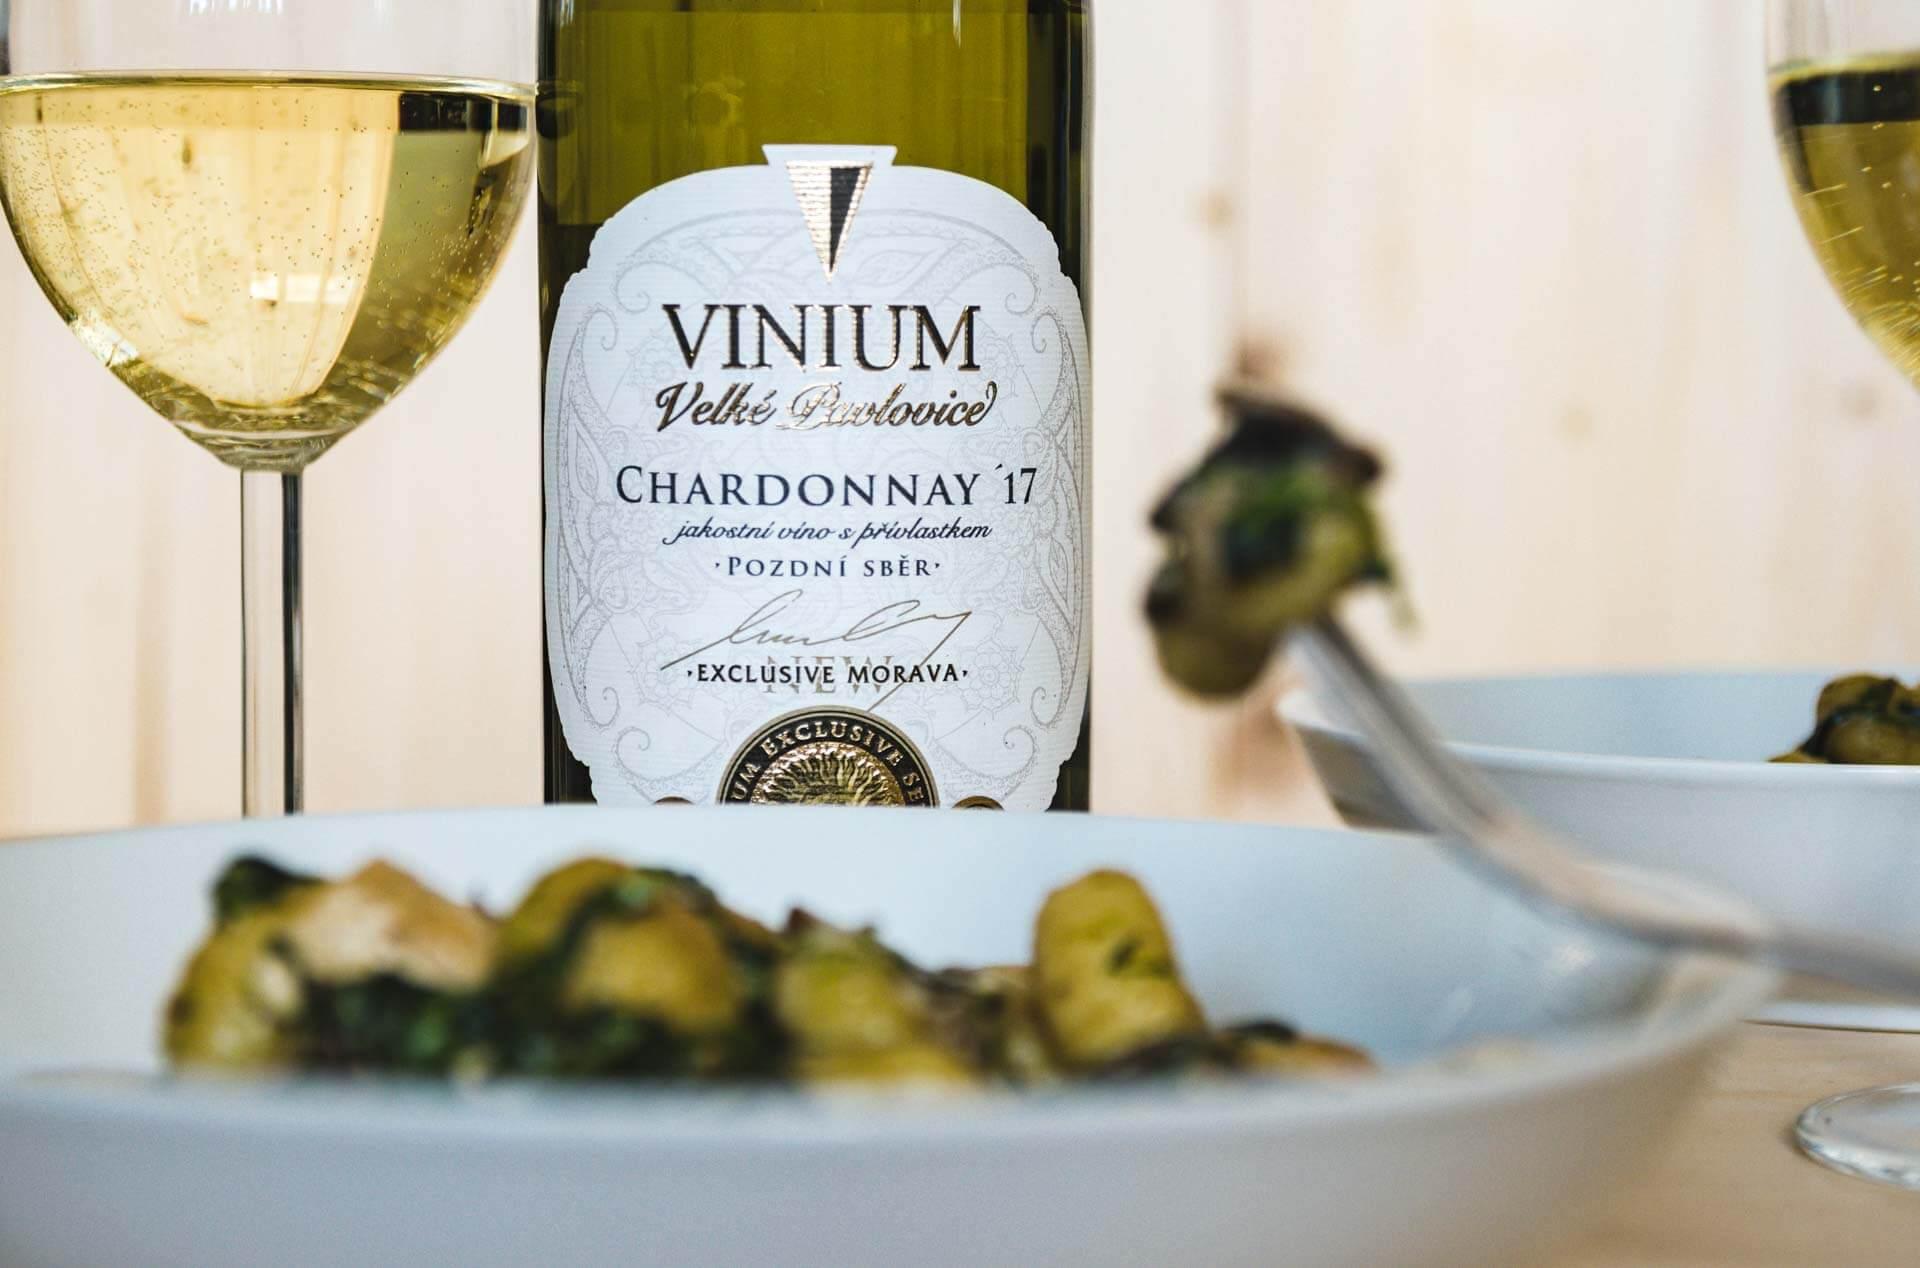 gnochi se špěnátem, víno, Chardonnay, VINIUM, foto ke článku 5